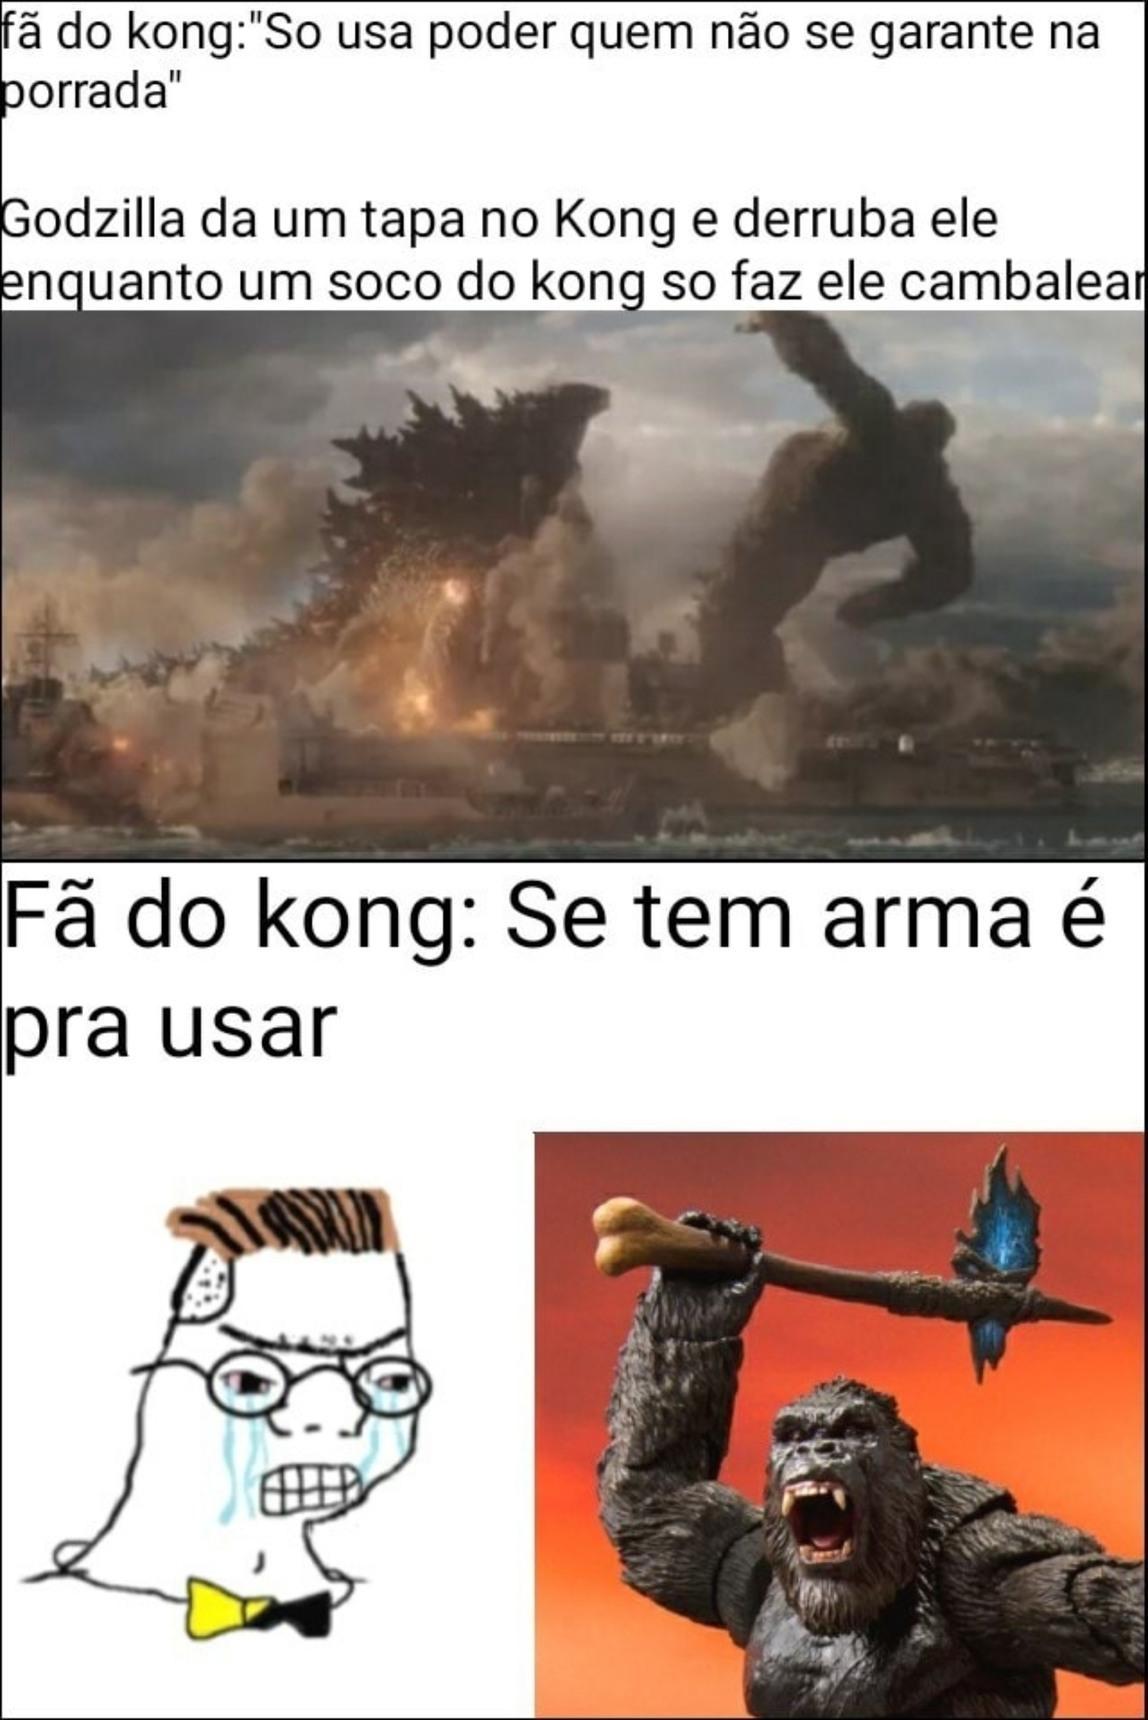 Godzilla vai quebrar o Kong na porrada? - meme